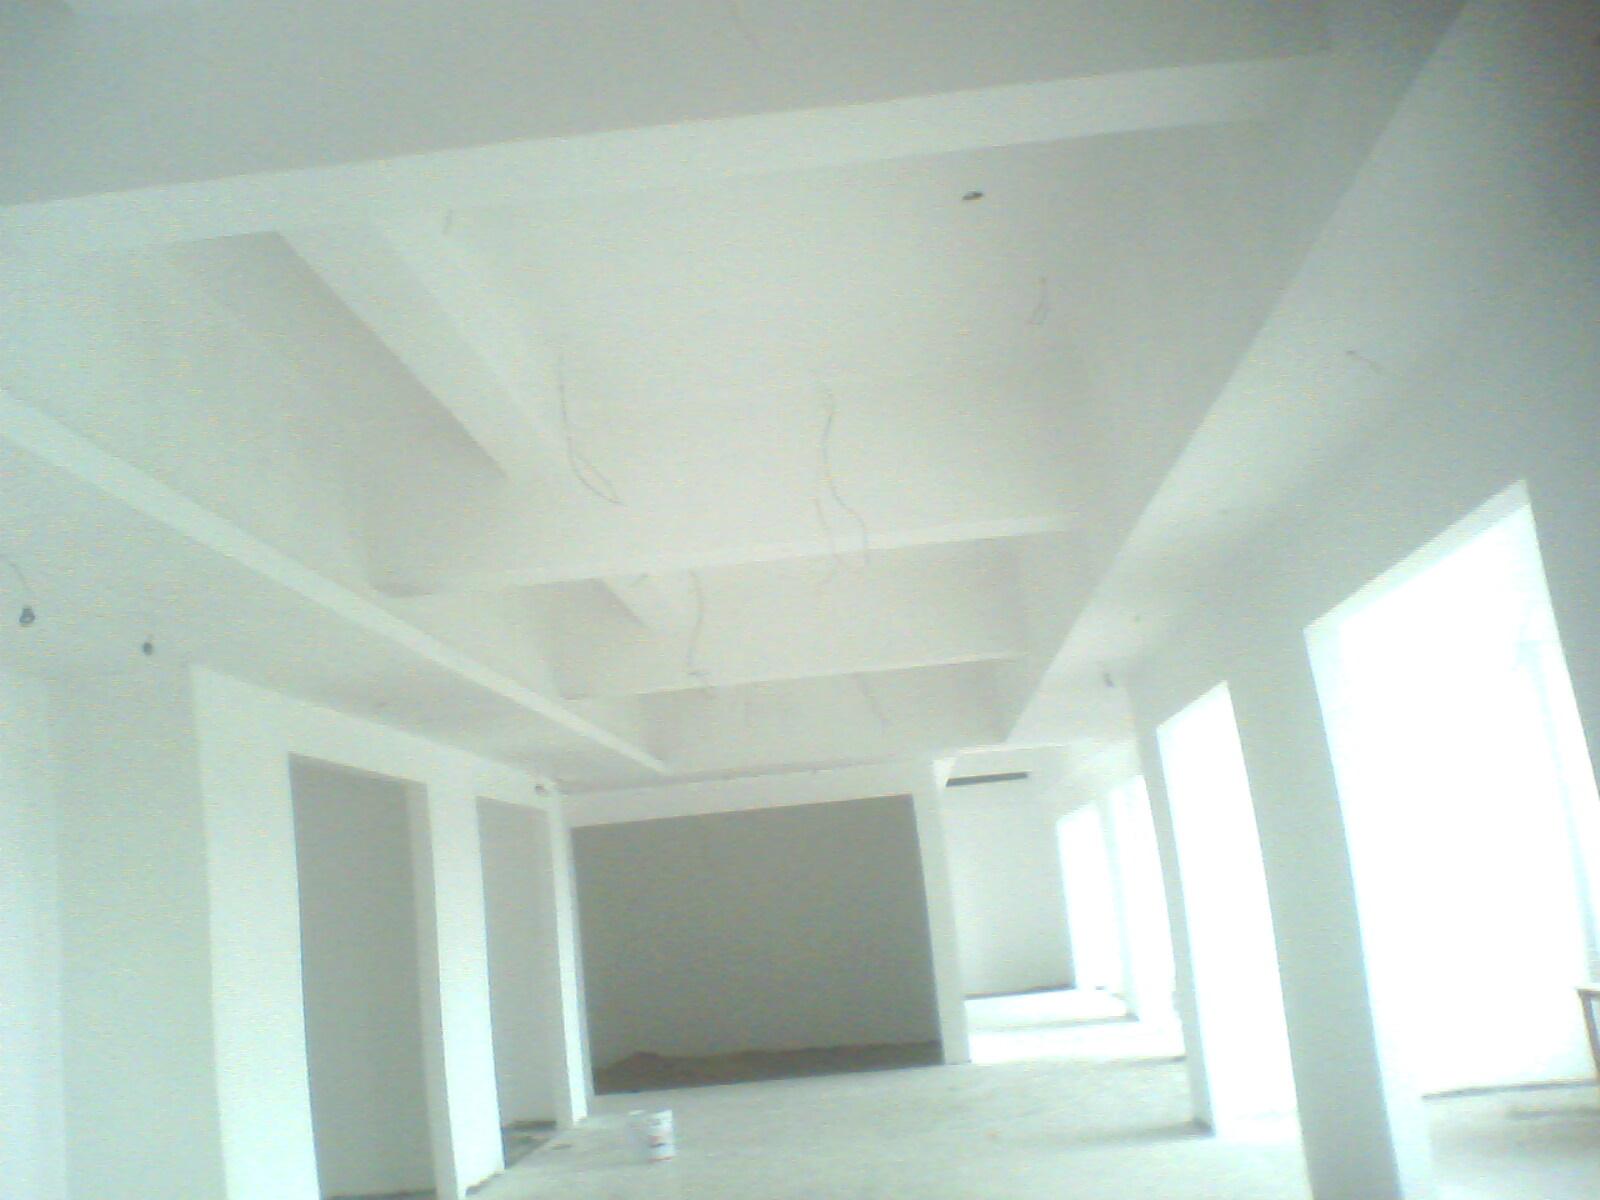 专业墙面漆(水泥漆),家具?#37202;?#28422;装修施工,旧房翻新